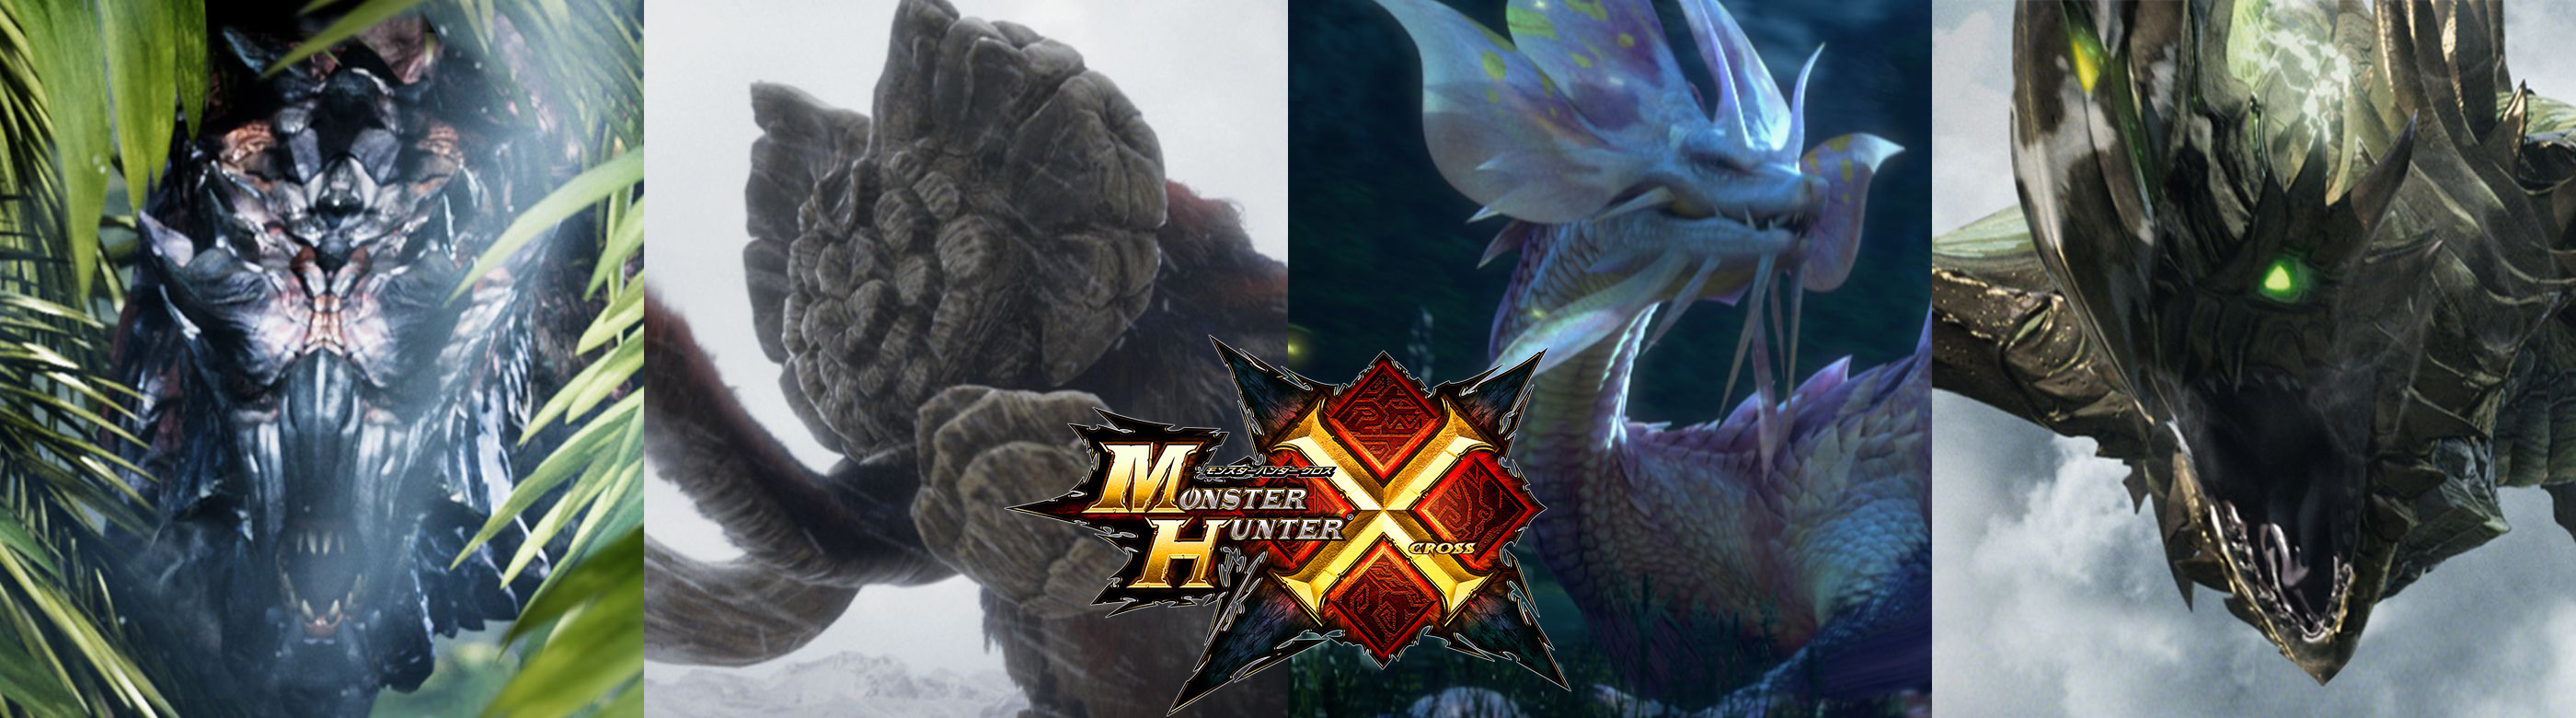 Monster-Hunter-X-New-Monsters